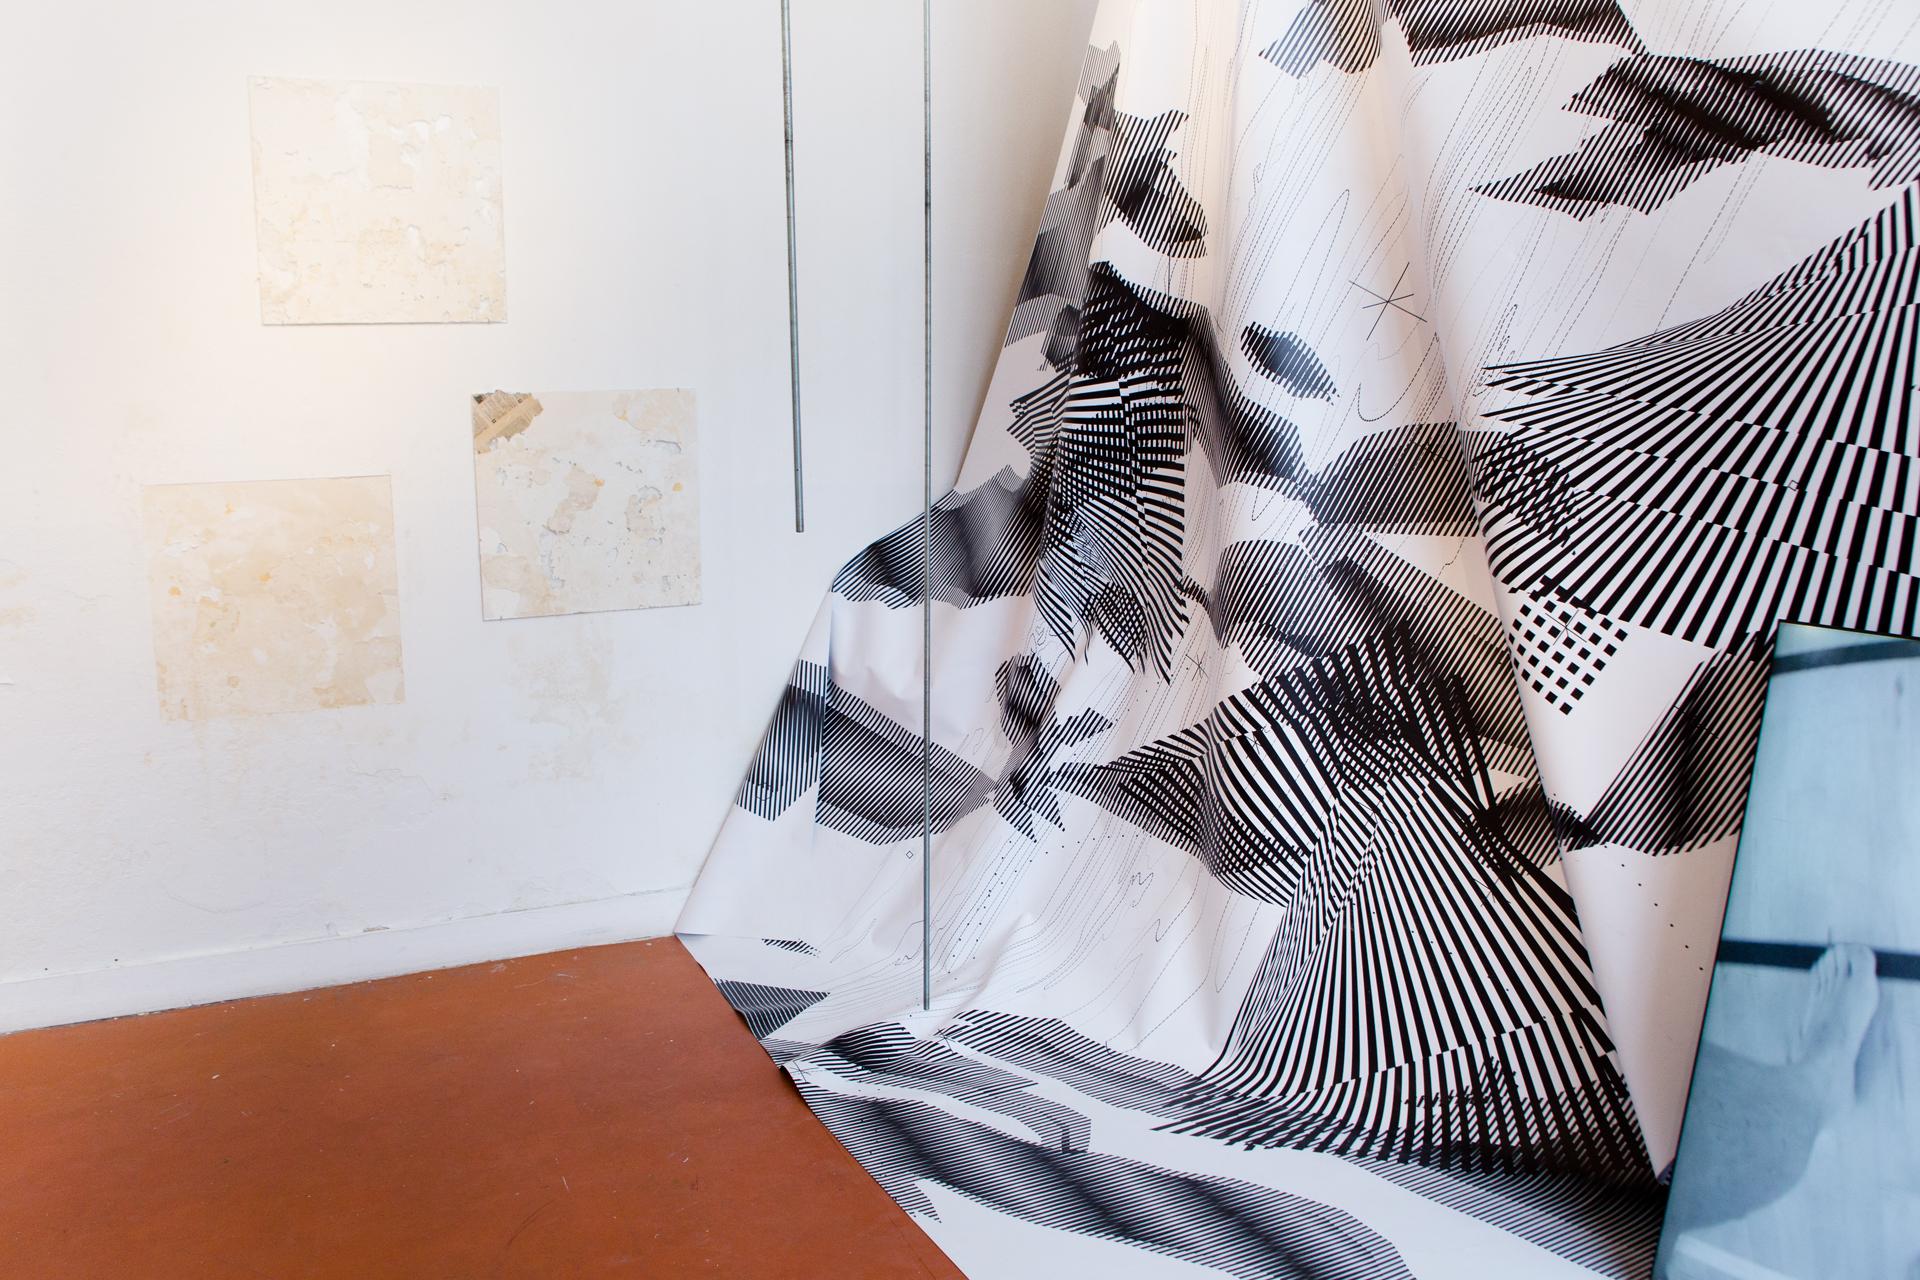 Daniel Nehring Kunstwerk Installation Fizzlemydazzle